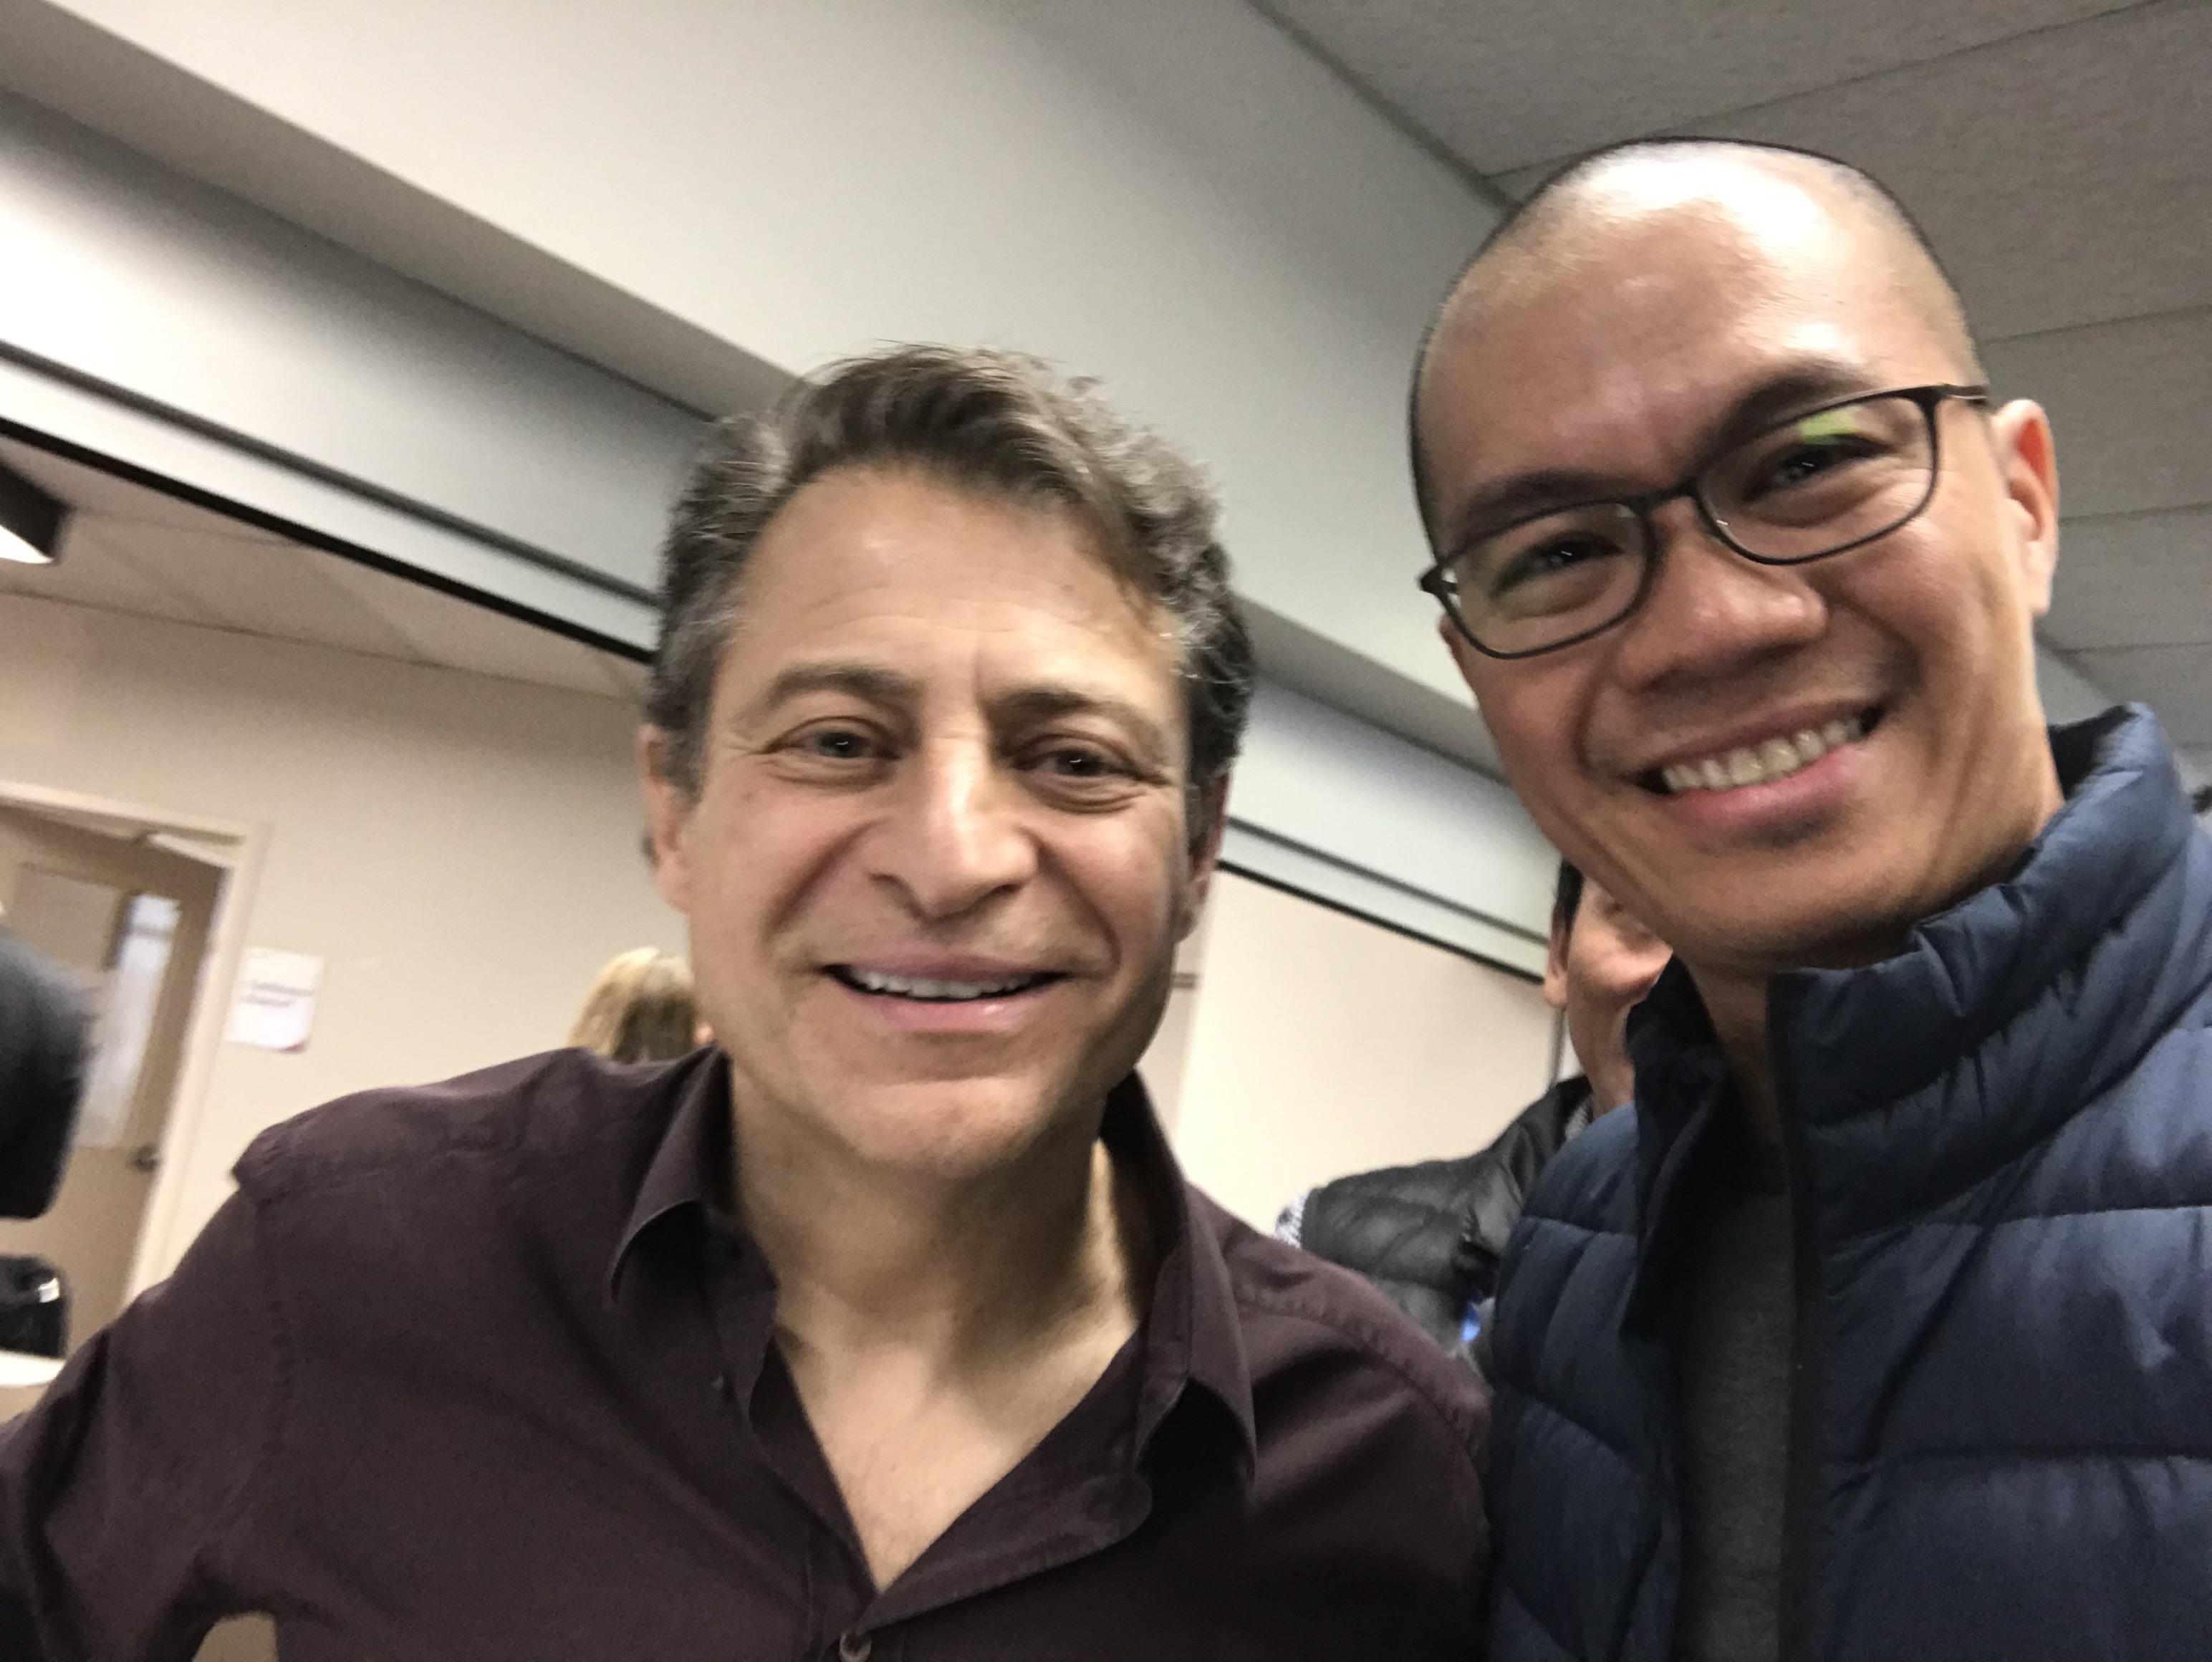 Peter Diamandis and John Aguilar